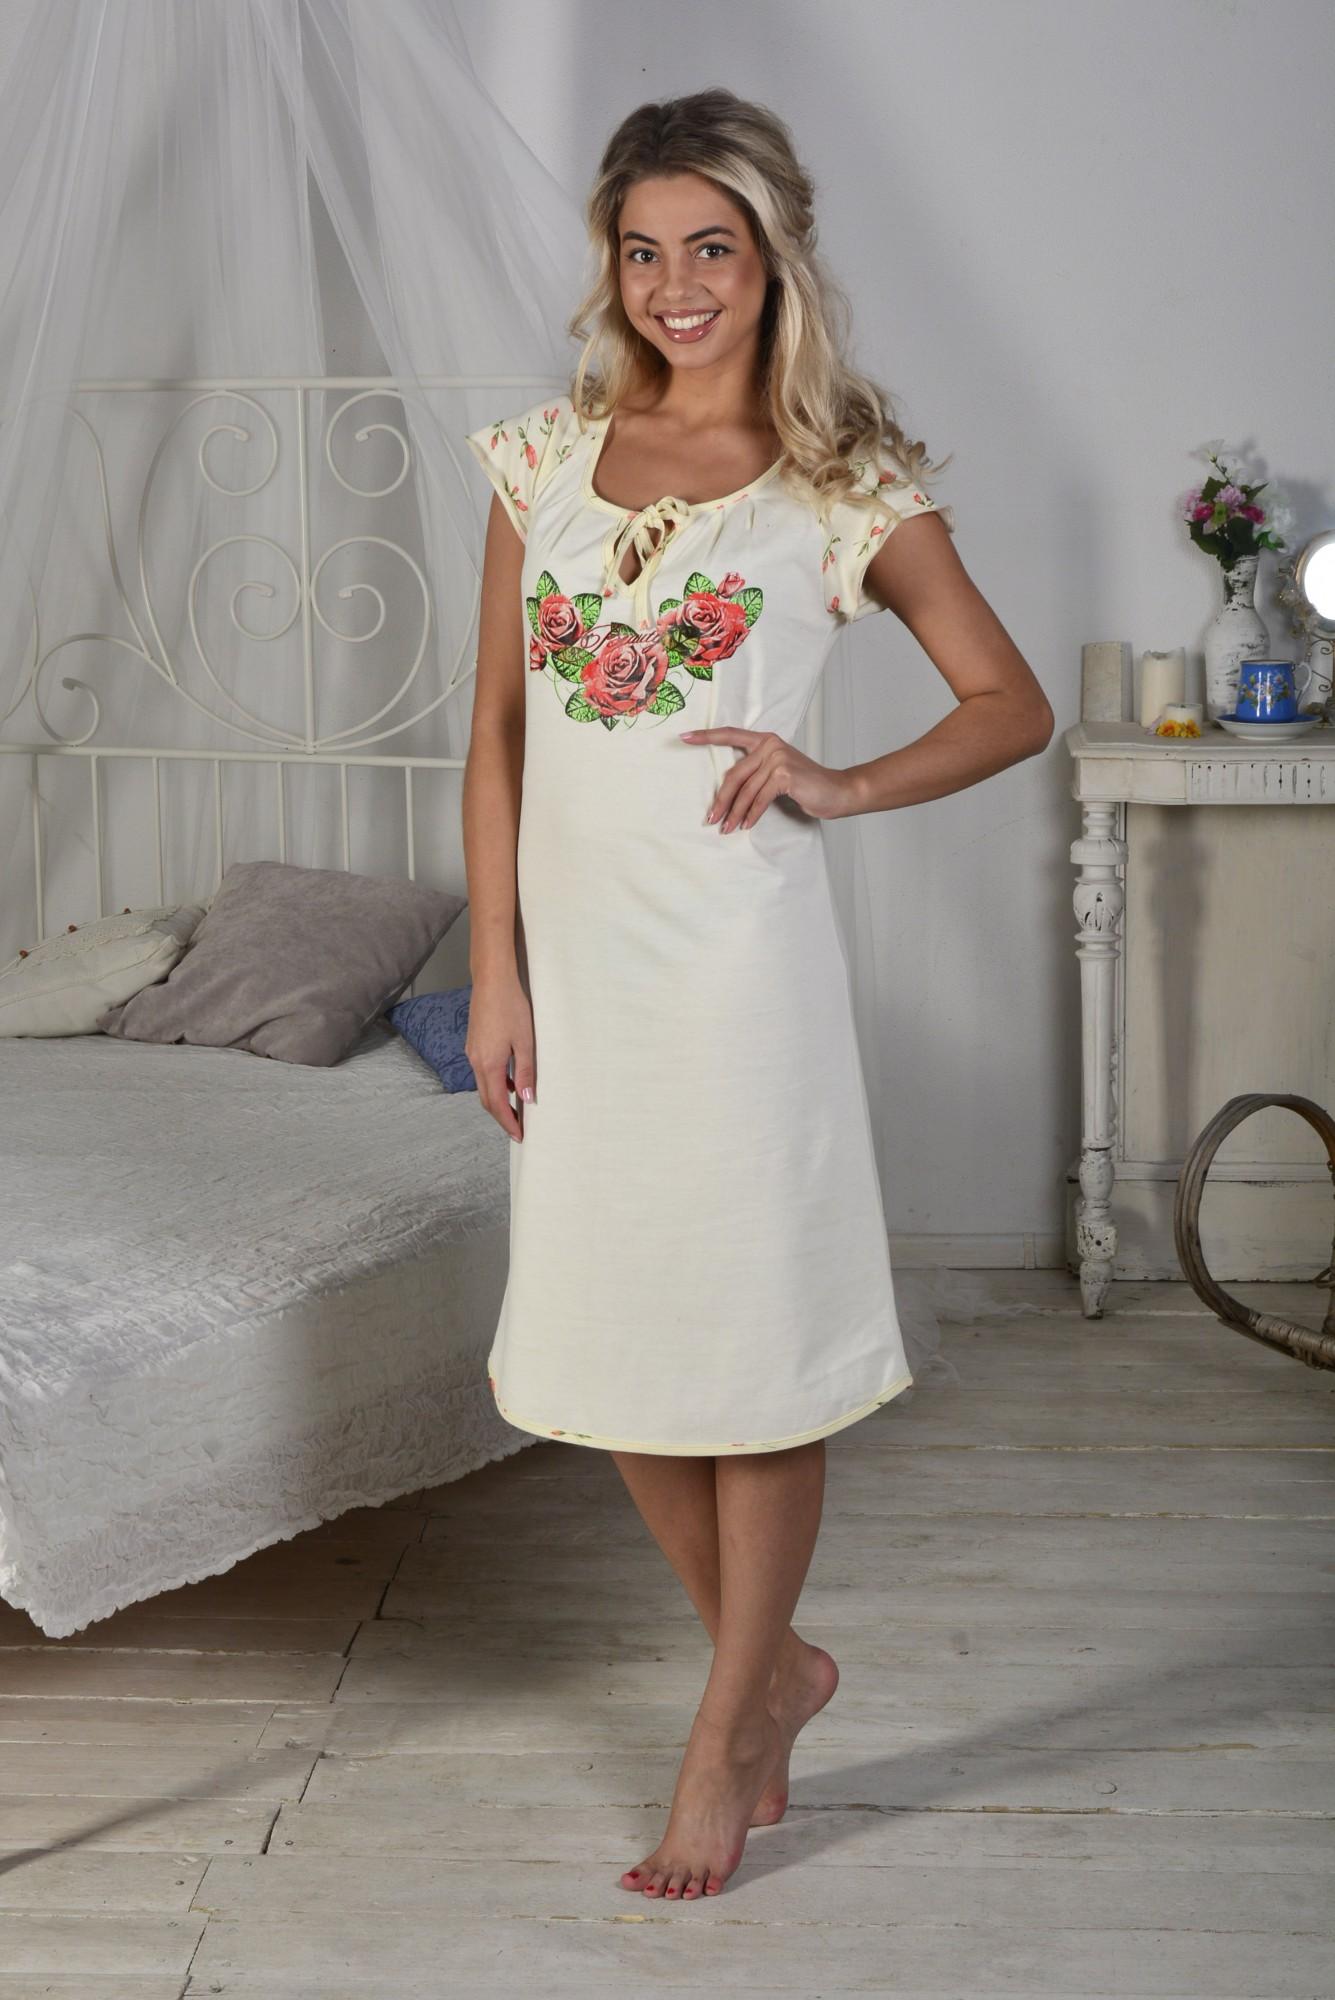 Сорочка женская Алла с коротким рукавомСорочки<br><br><br>Размер: 54